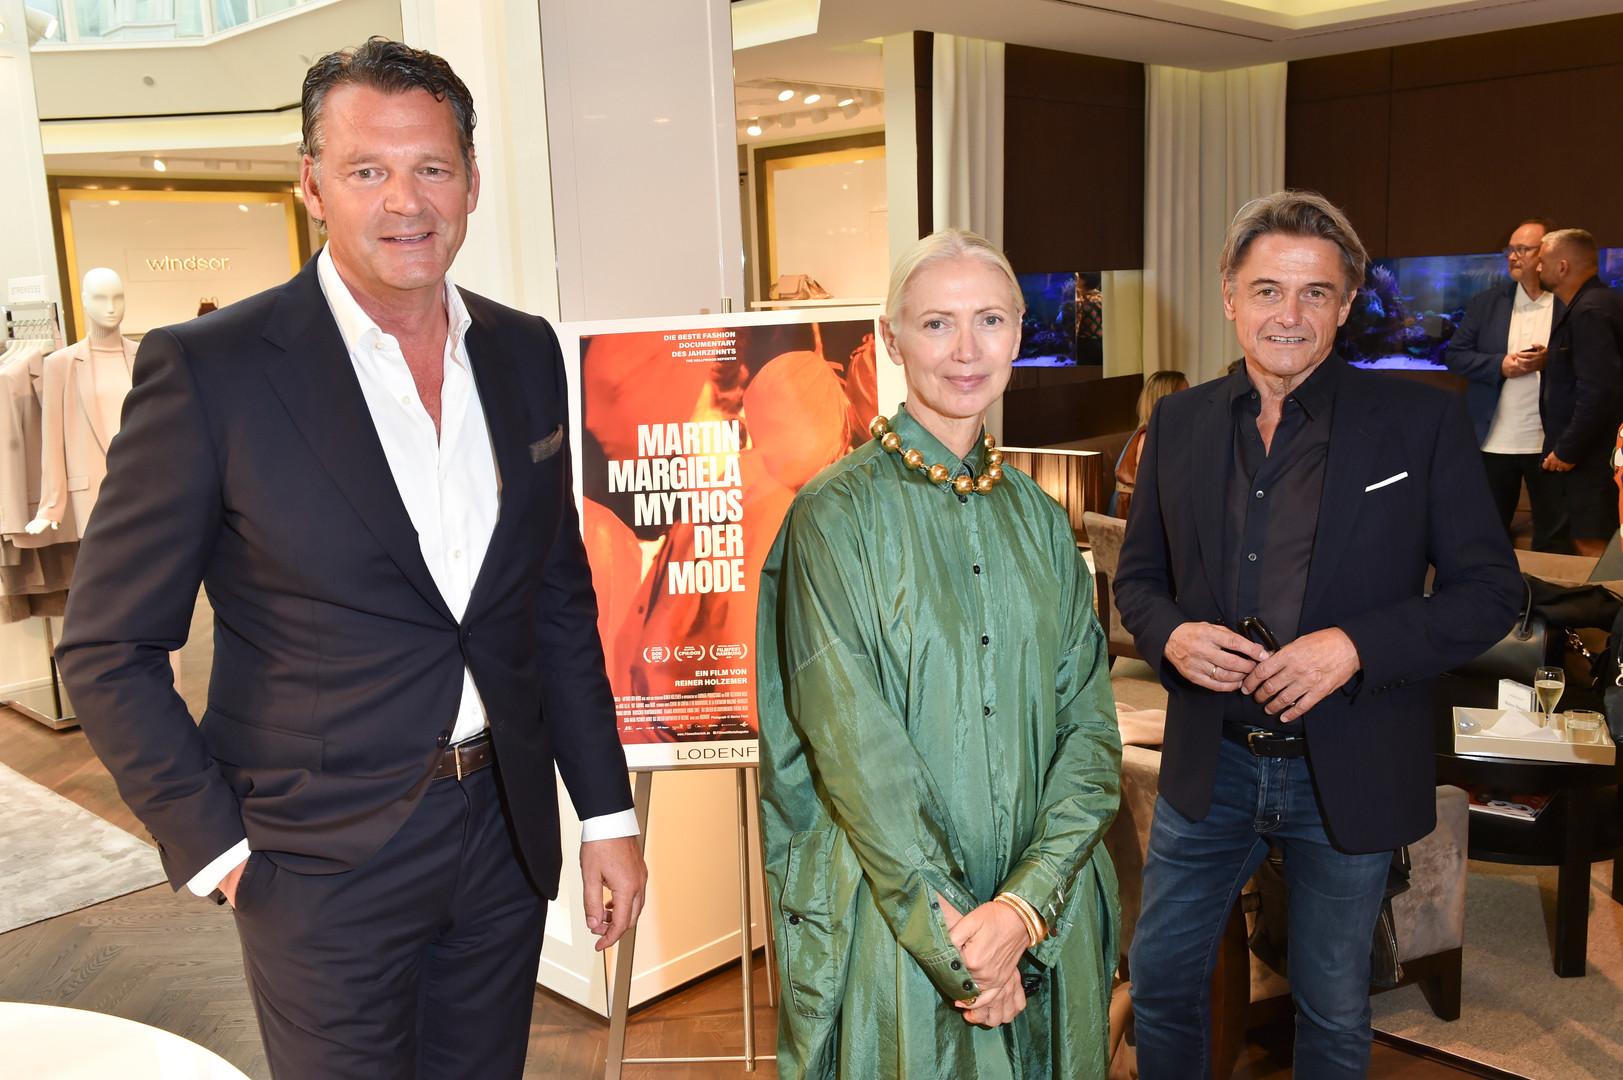 Markus Höhn, Christiane Arp, Reiner Holzemer ©BrauerPhotos/ G. Nitschke